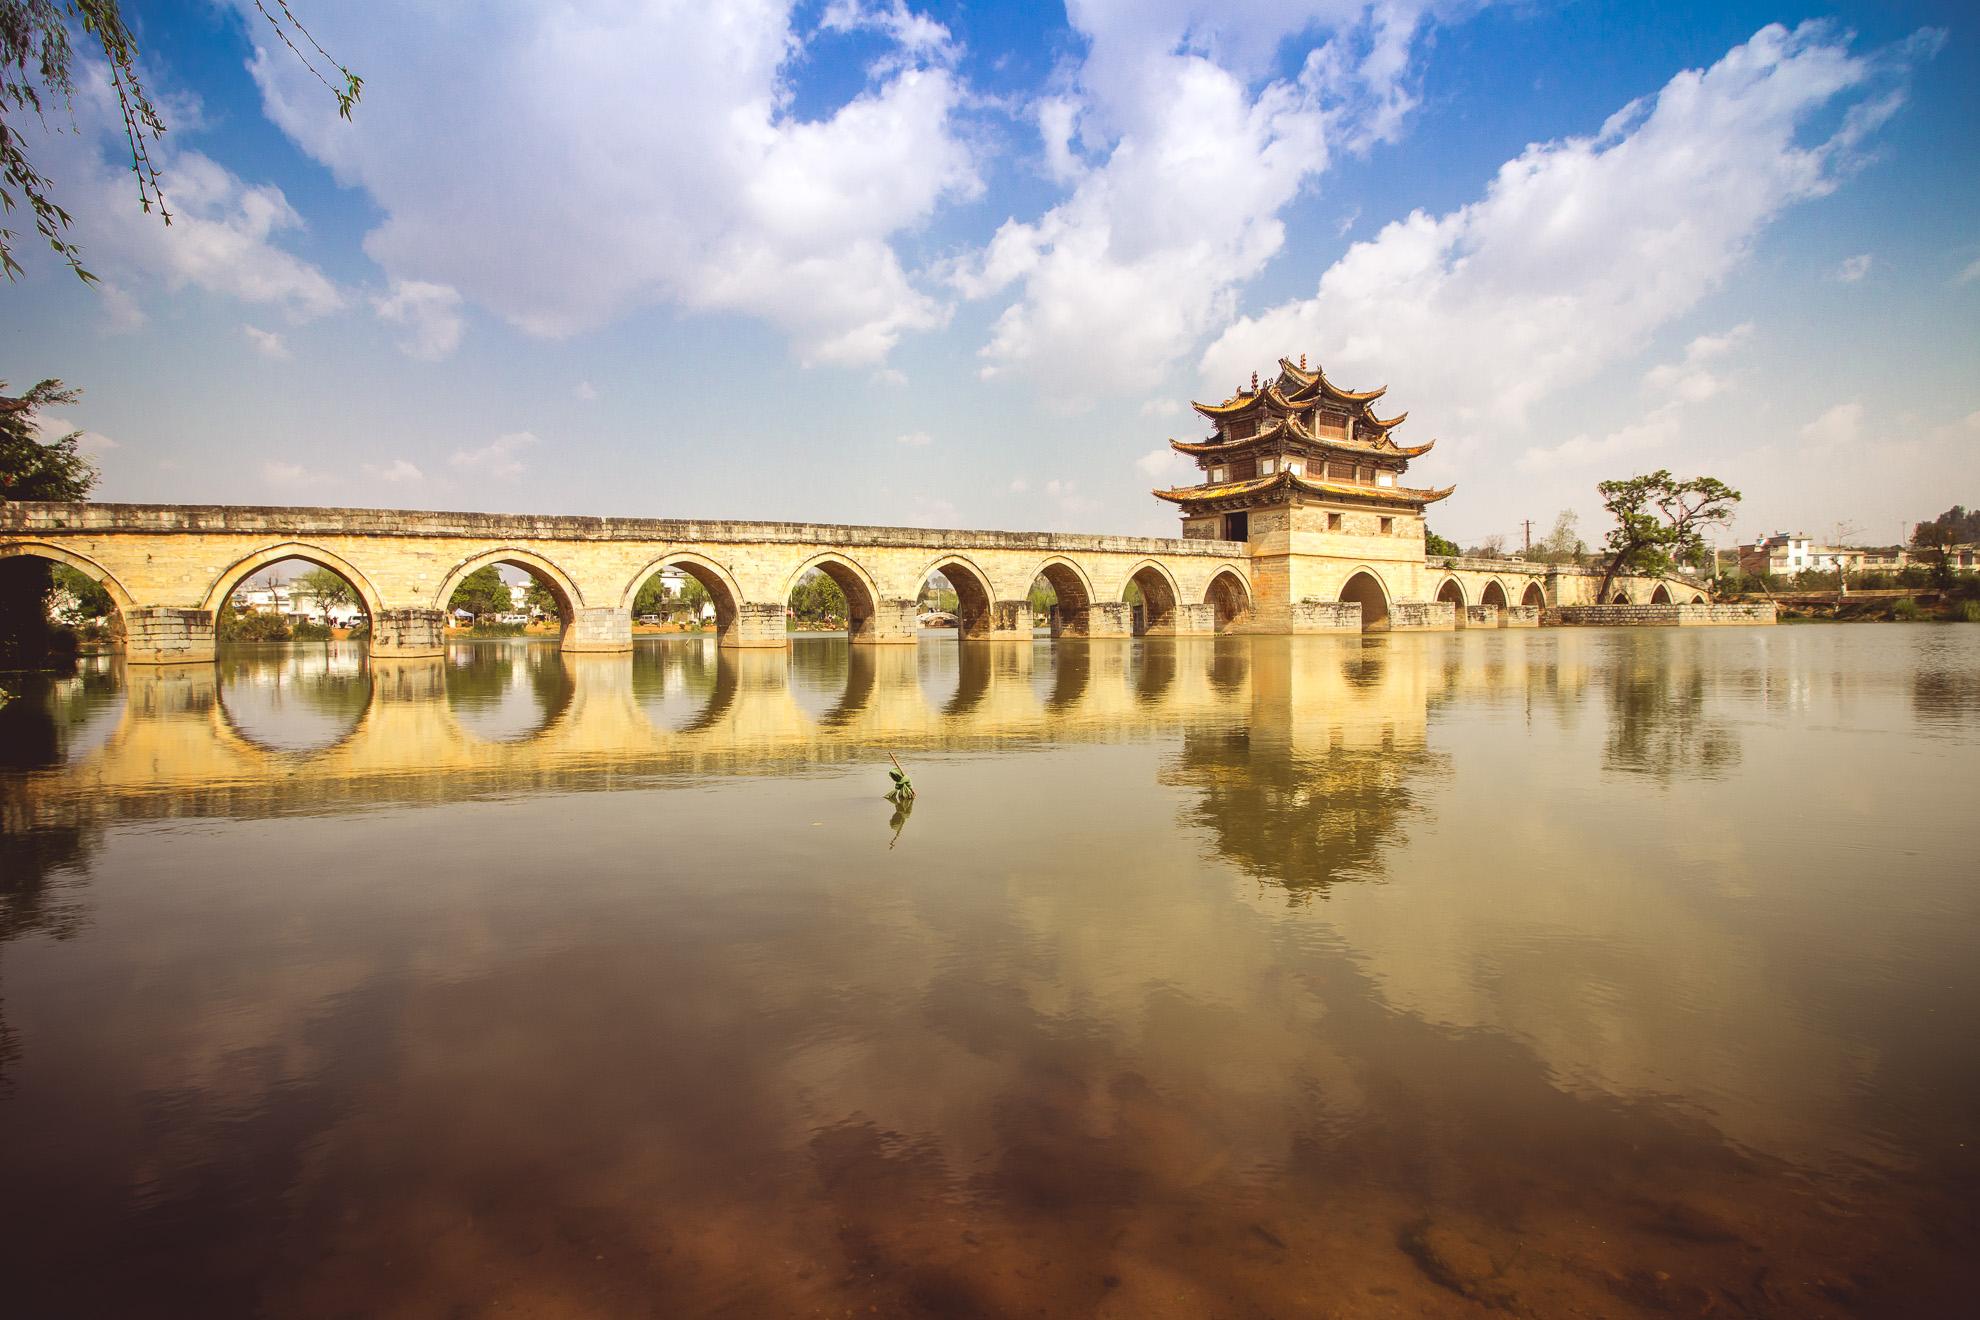 Double Dragon Bridge Jian Shui, China